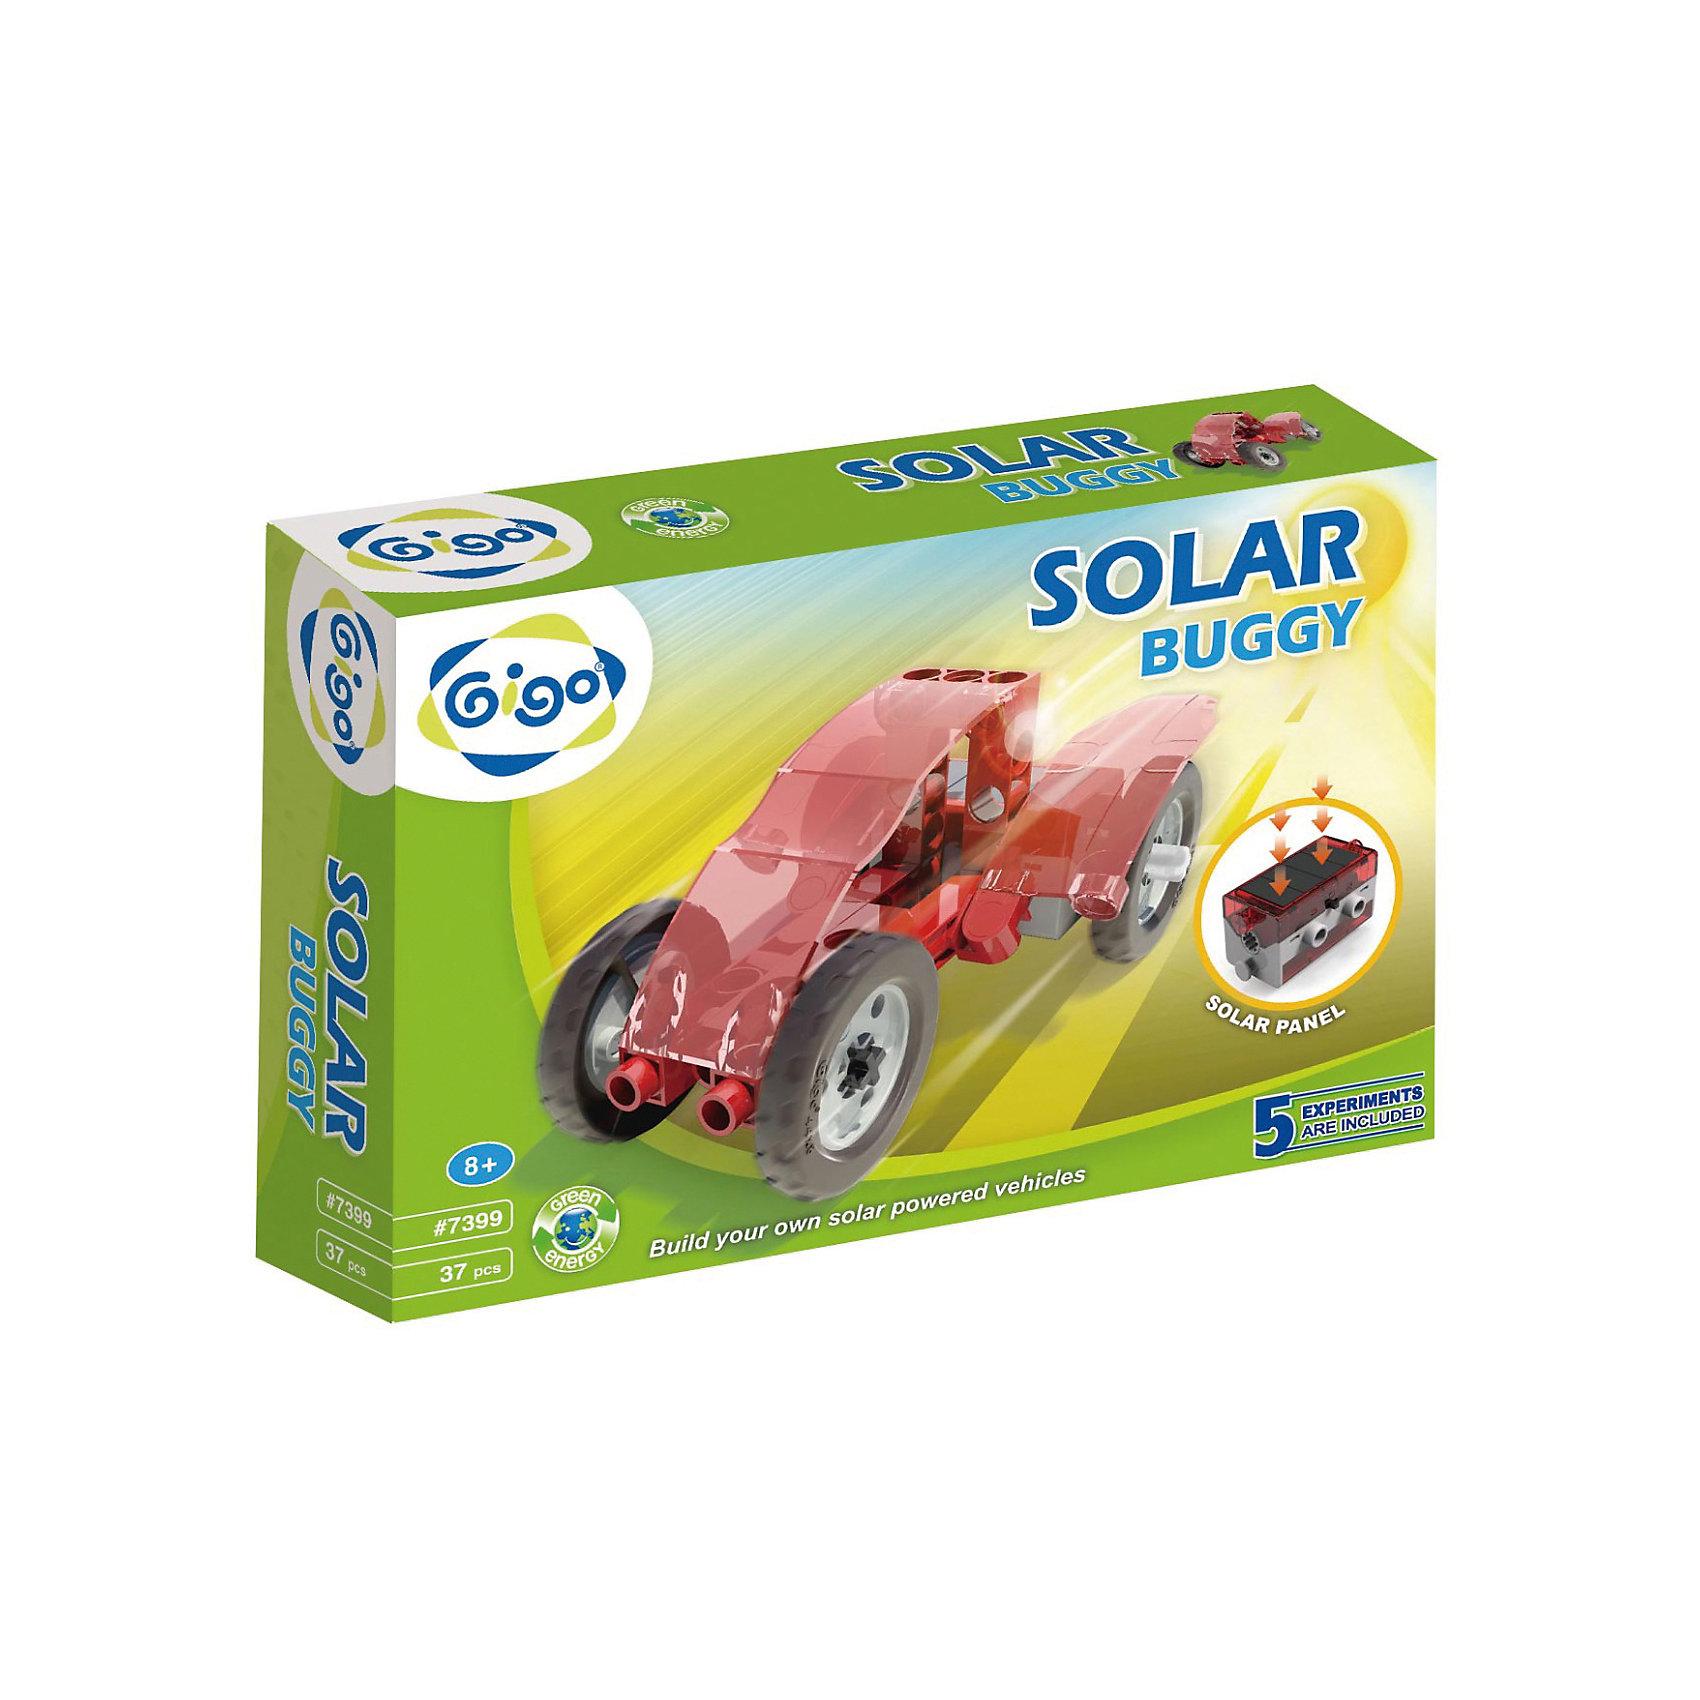 Конструктор Багги на солнечной энергииВ Конструкторе Gigo Solar Buggy (Гиго. Багги на солнечной энергии) используется мотор-редуктор со встроенной солнечной батареей и при этом в него можно вставить еще и обычную батарейку. Все модели демонстрируют принцип превращения солнечной энергии в механическую. Днем под яркими и прямыми солнечными лучами все модели работают от энергии солнца, в помещении и на улице в пасмурную погоду можно использовать батарейку. Из конструктора можно собрать 5 моделей. В комплекте 37 деталей.<br><br>Ширина мм: 60<br>Глубина мм: 220<br>Высота мм: 280<br>Вес г: 380<br>Возраст от месяцев: 36<br>Возраст до месяцев: 192<br>Пол: Унисекс<br>Возраст: Детский<br>SKU: 5324991